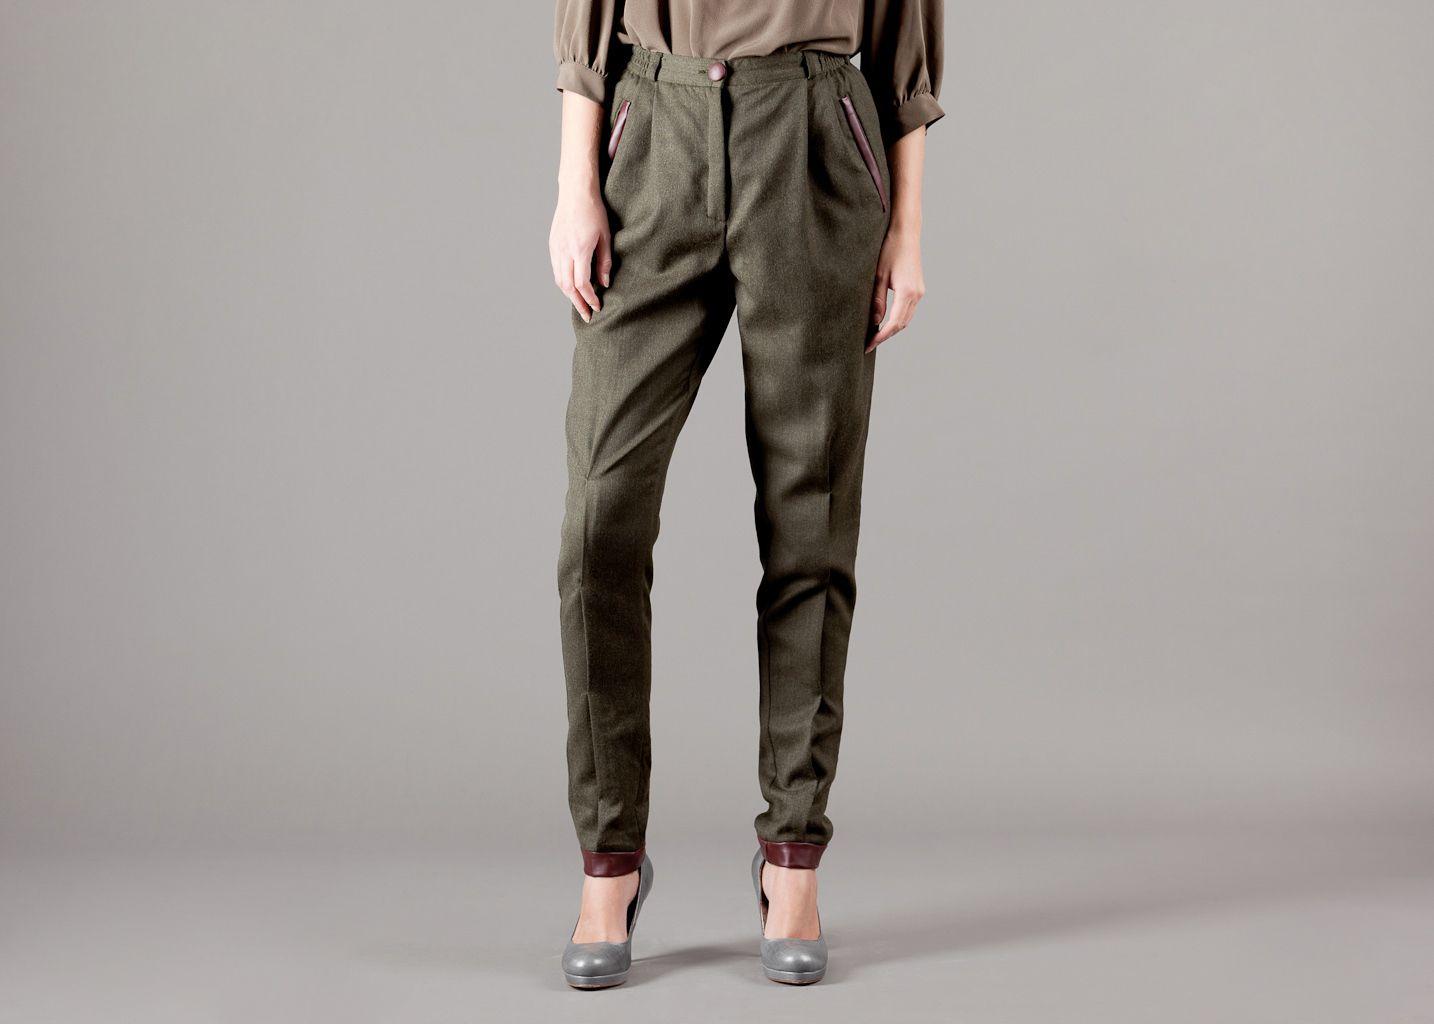 Pantalon Laine Gansé - Gaëlle constantini